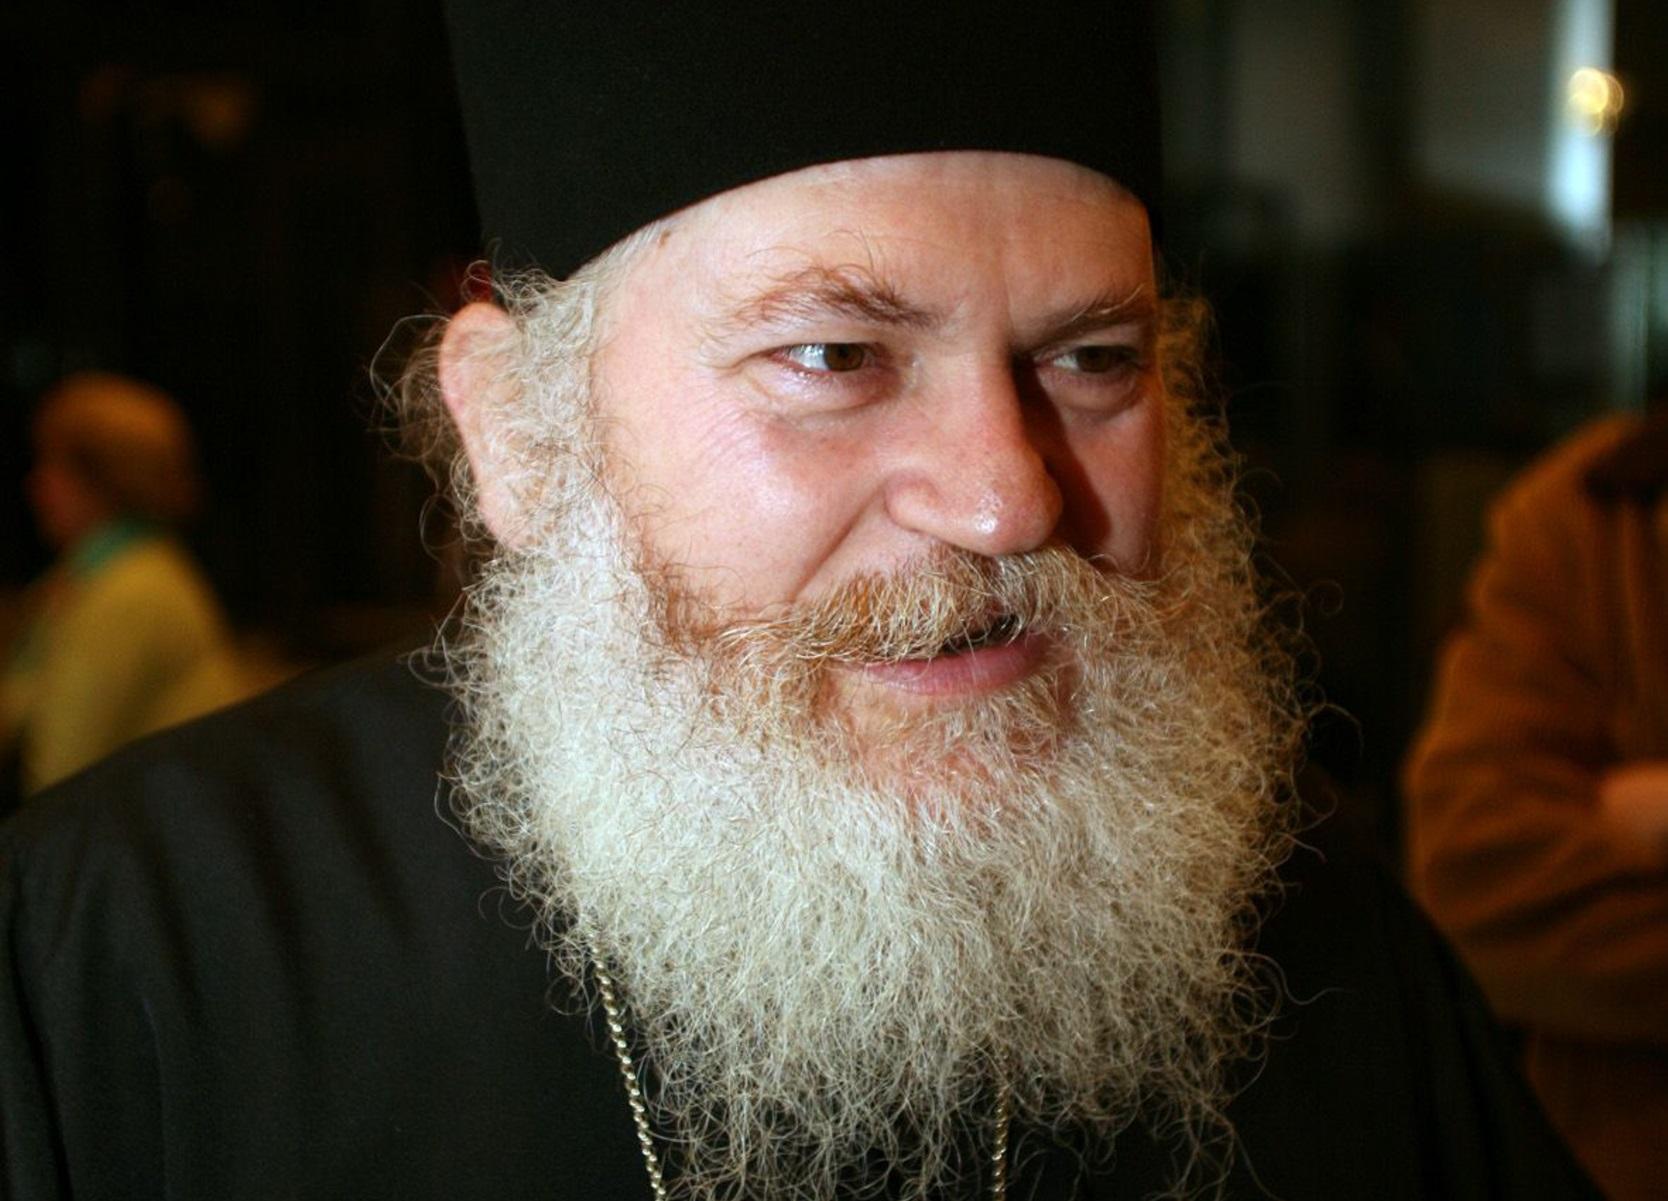 Κορονοϊός – Εφραίμ: Αποσωληνώθηκε ο ηγούμενος της Μονής Βατοπεδίου